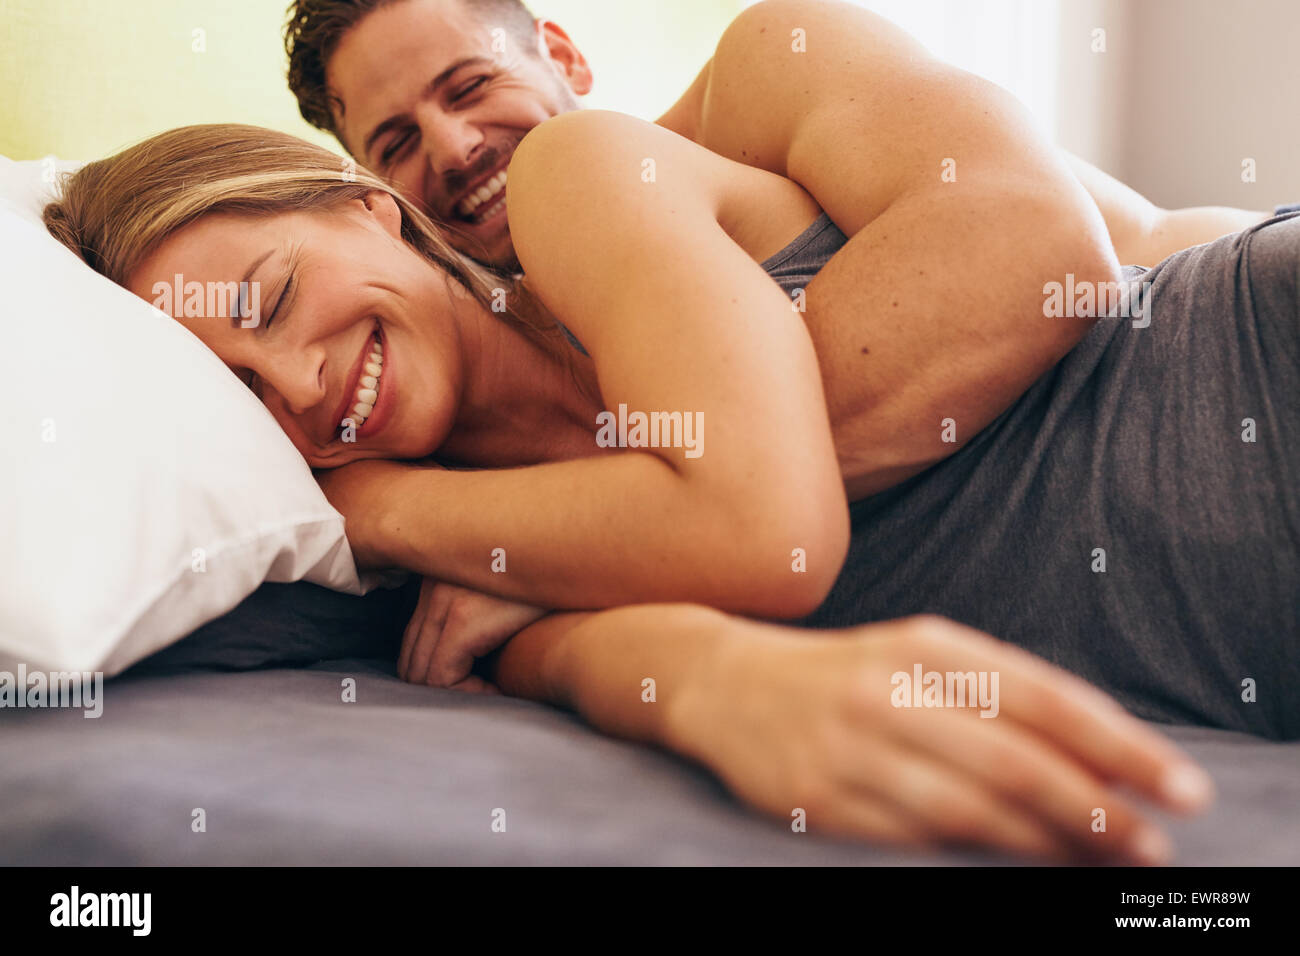 Imagen de linda pareja joven en el amor acostado en la cama. El hombre despertar a su esposa en la mañana. Imagen De Stock